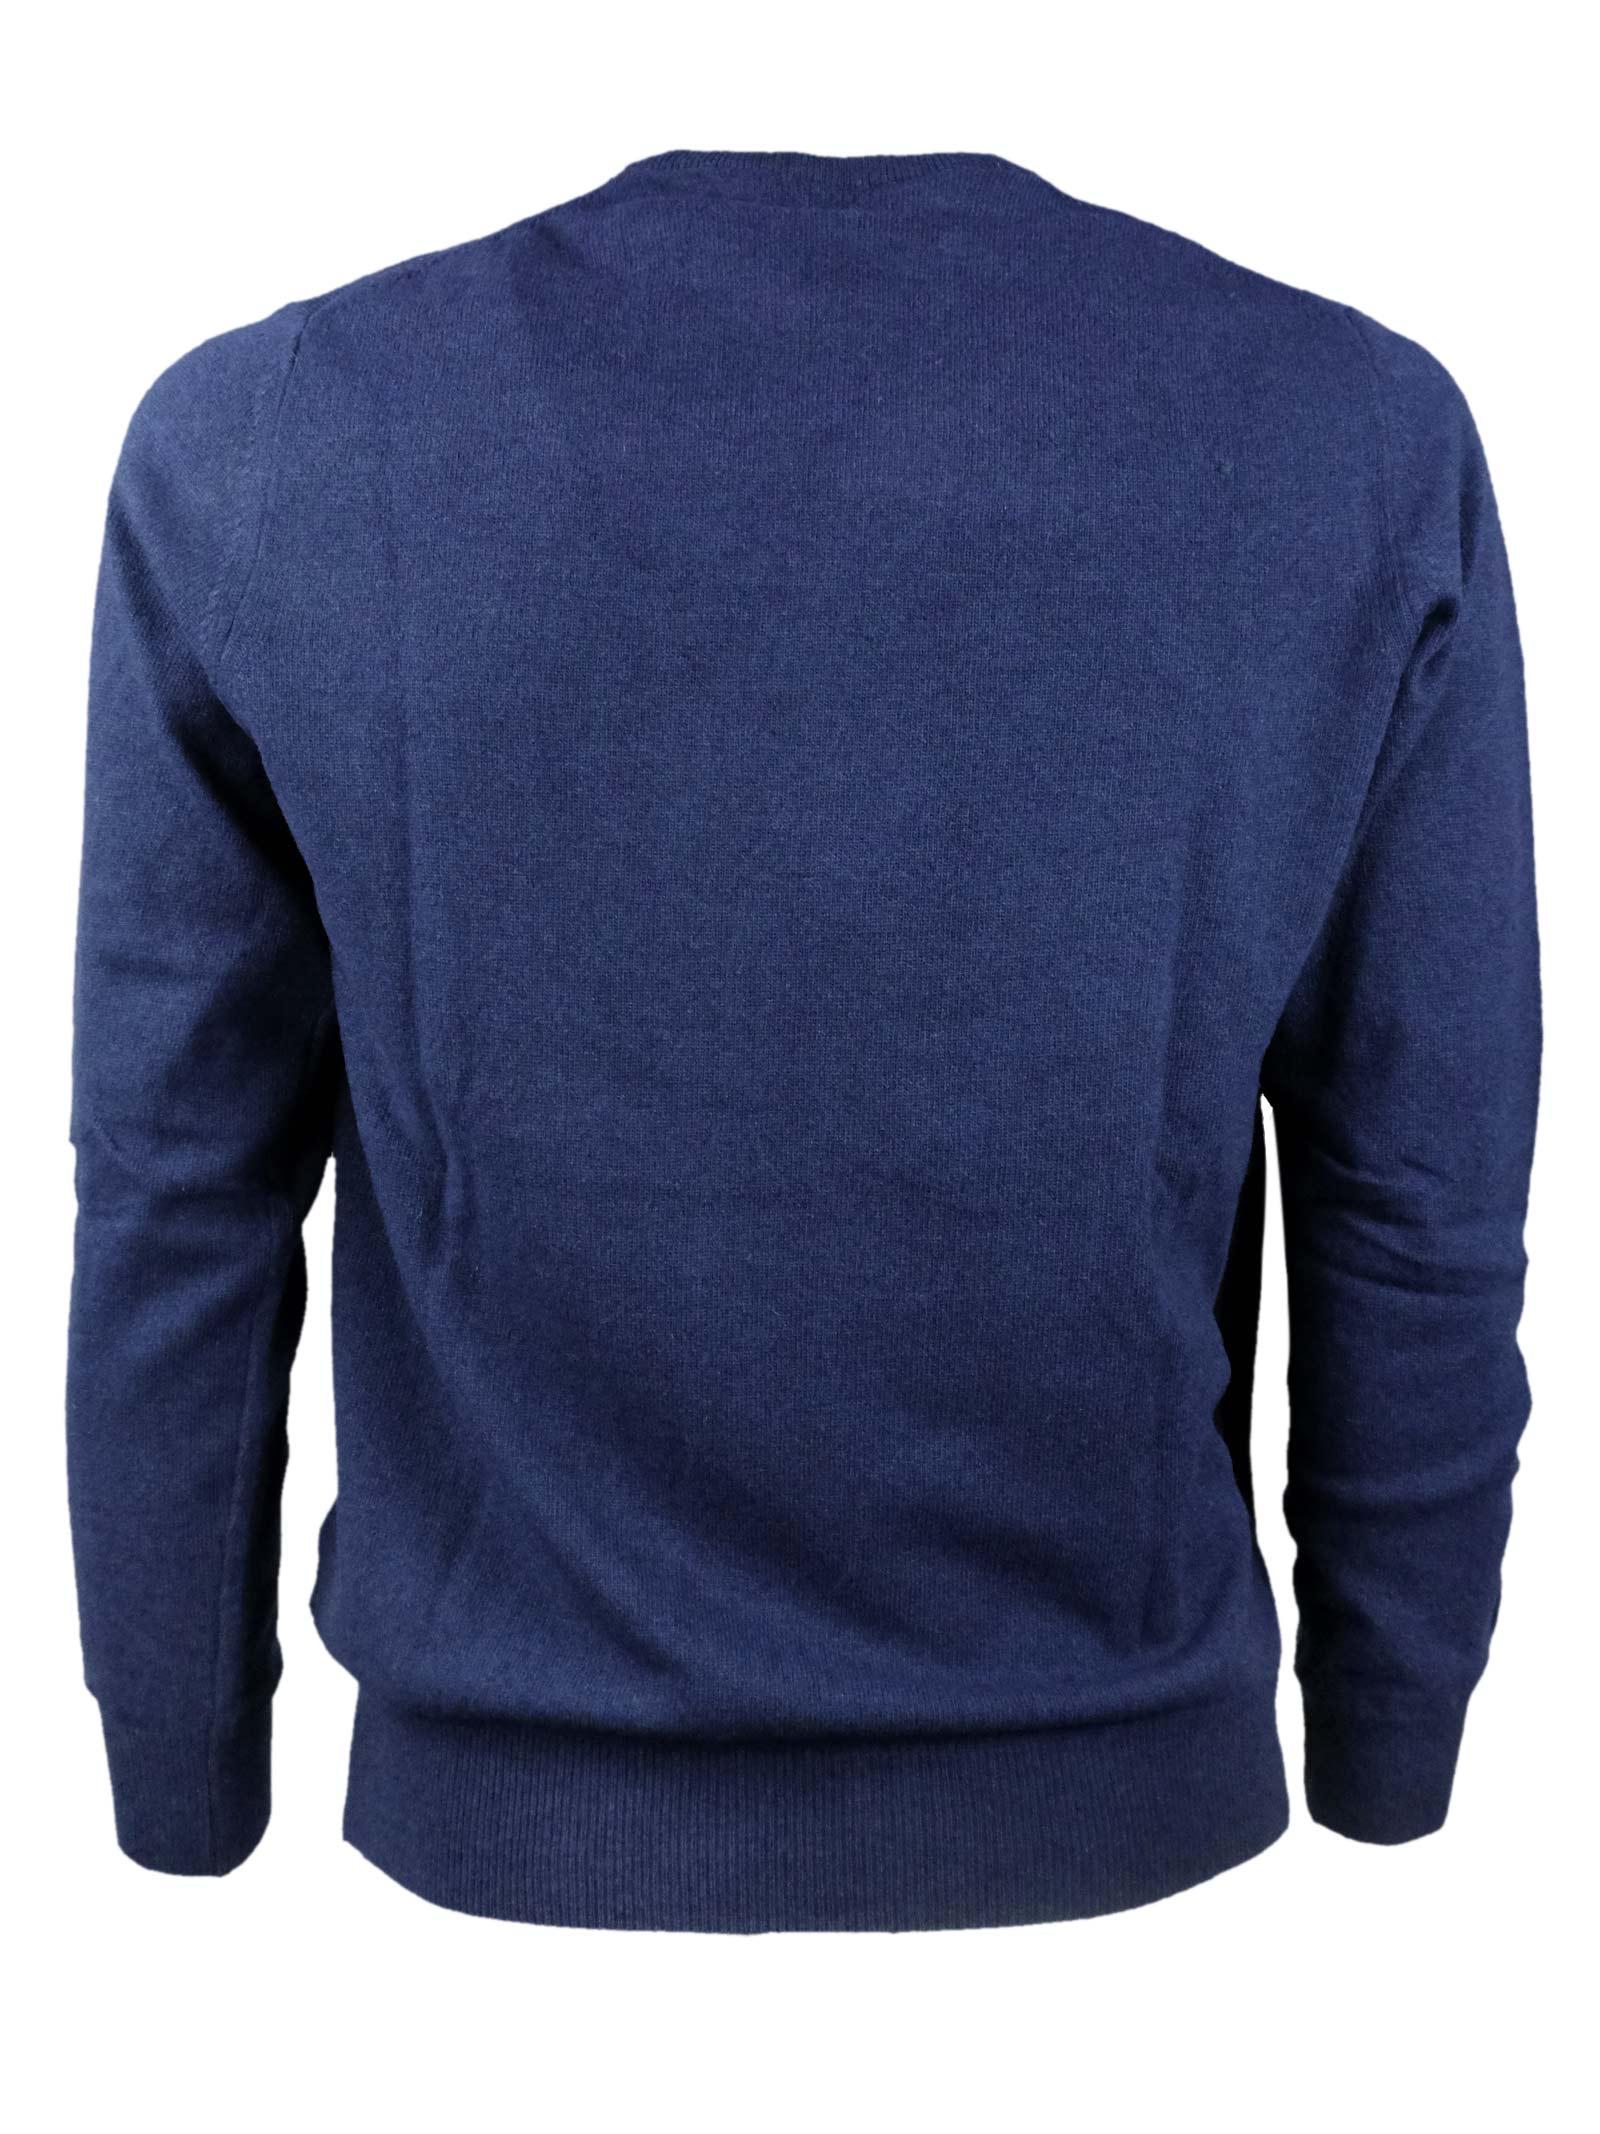 RICCIARDI | Knitwear | 45561126120